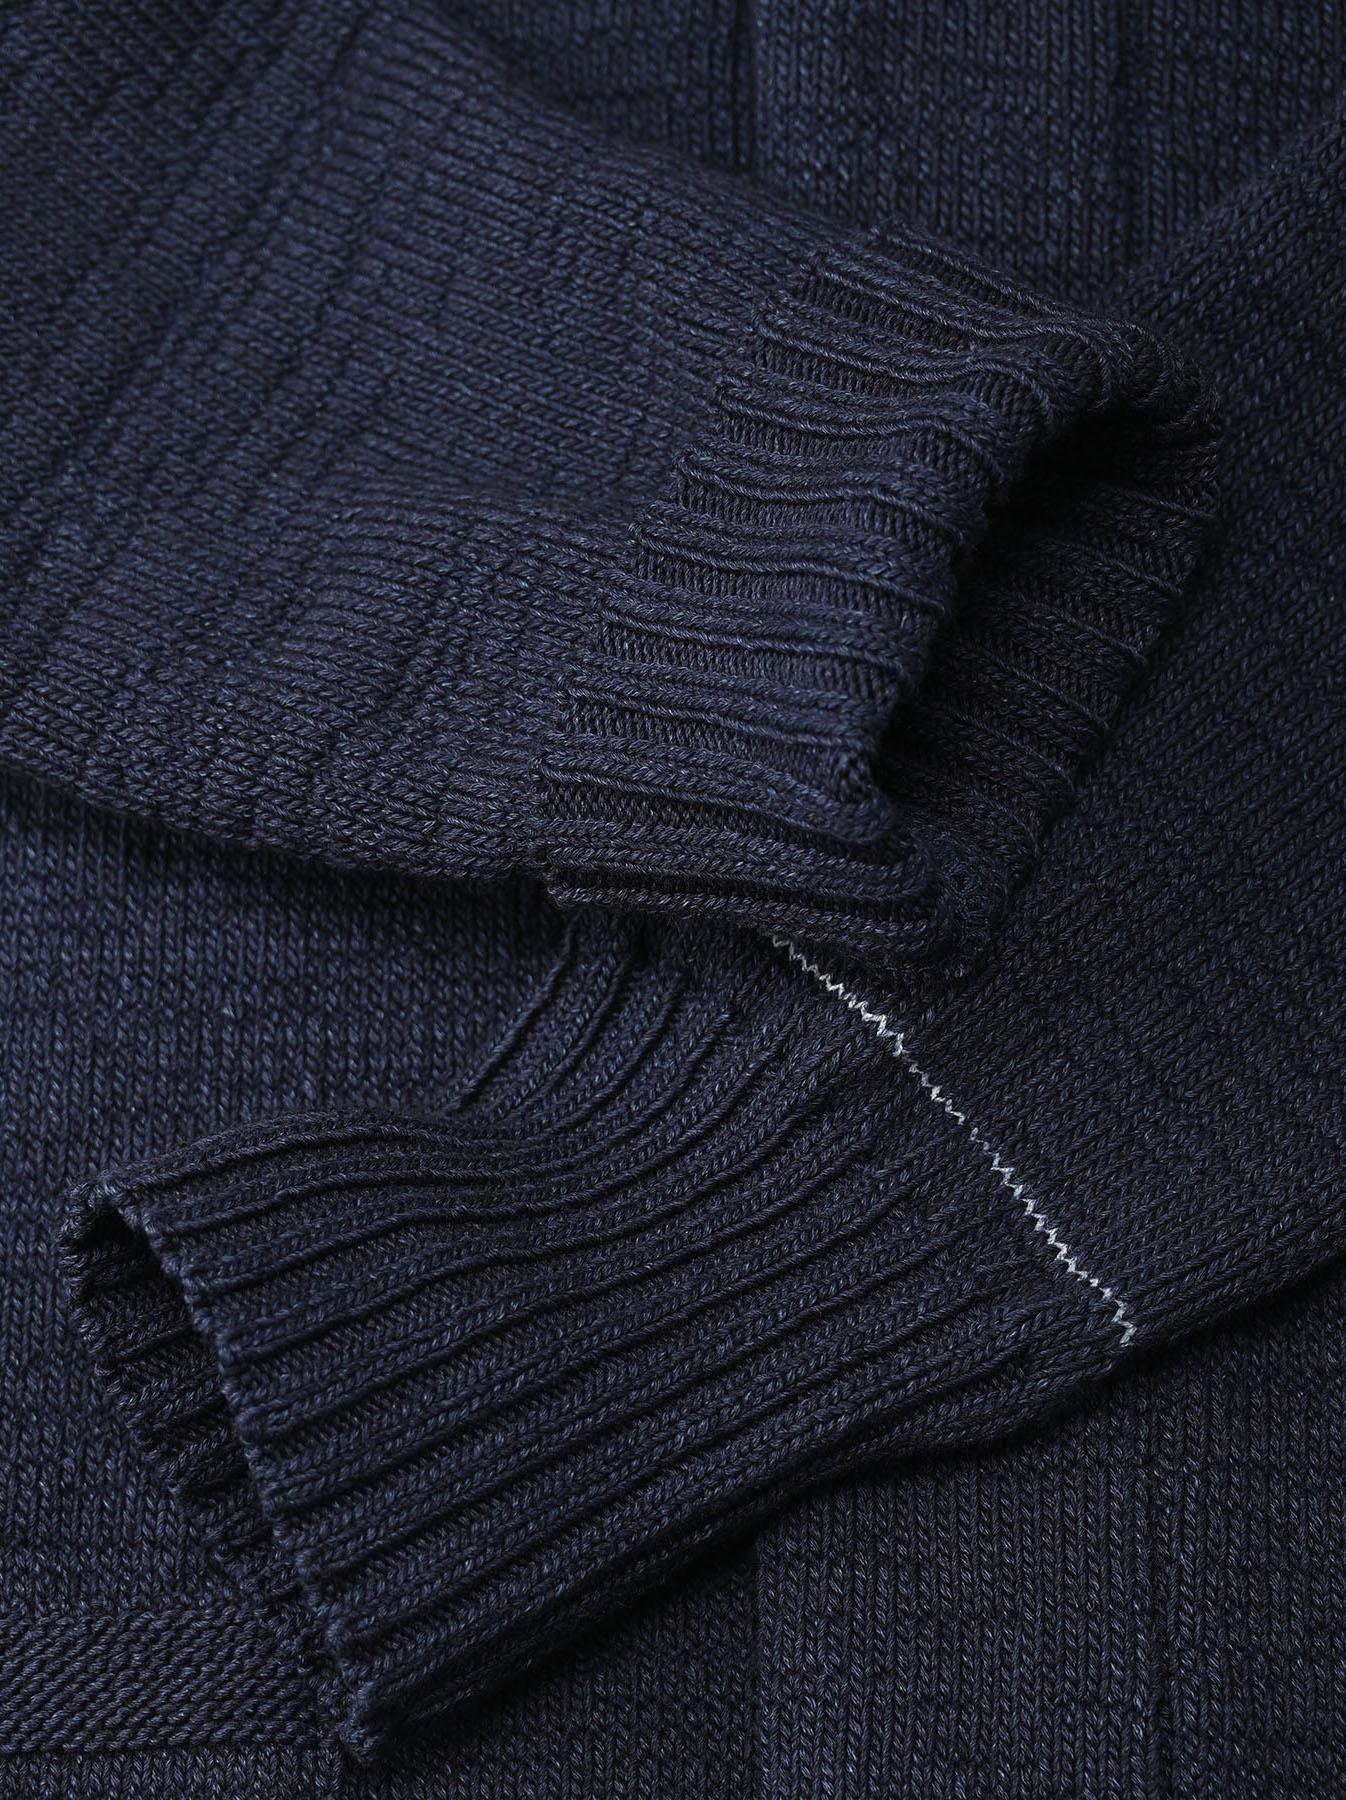 Indigo Stretch Knit Shawl Collar 908 Blouson-10